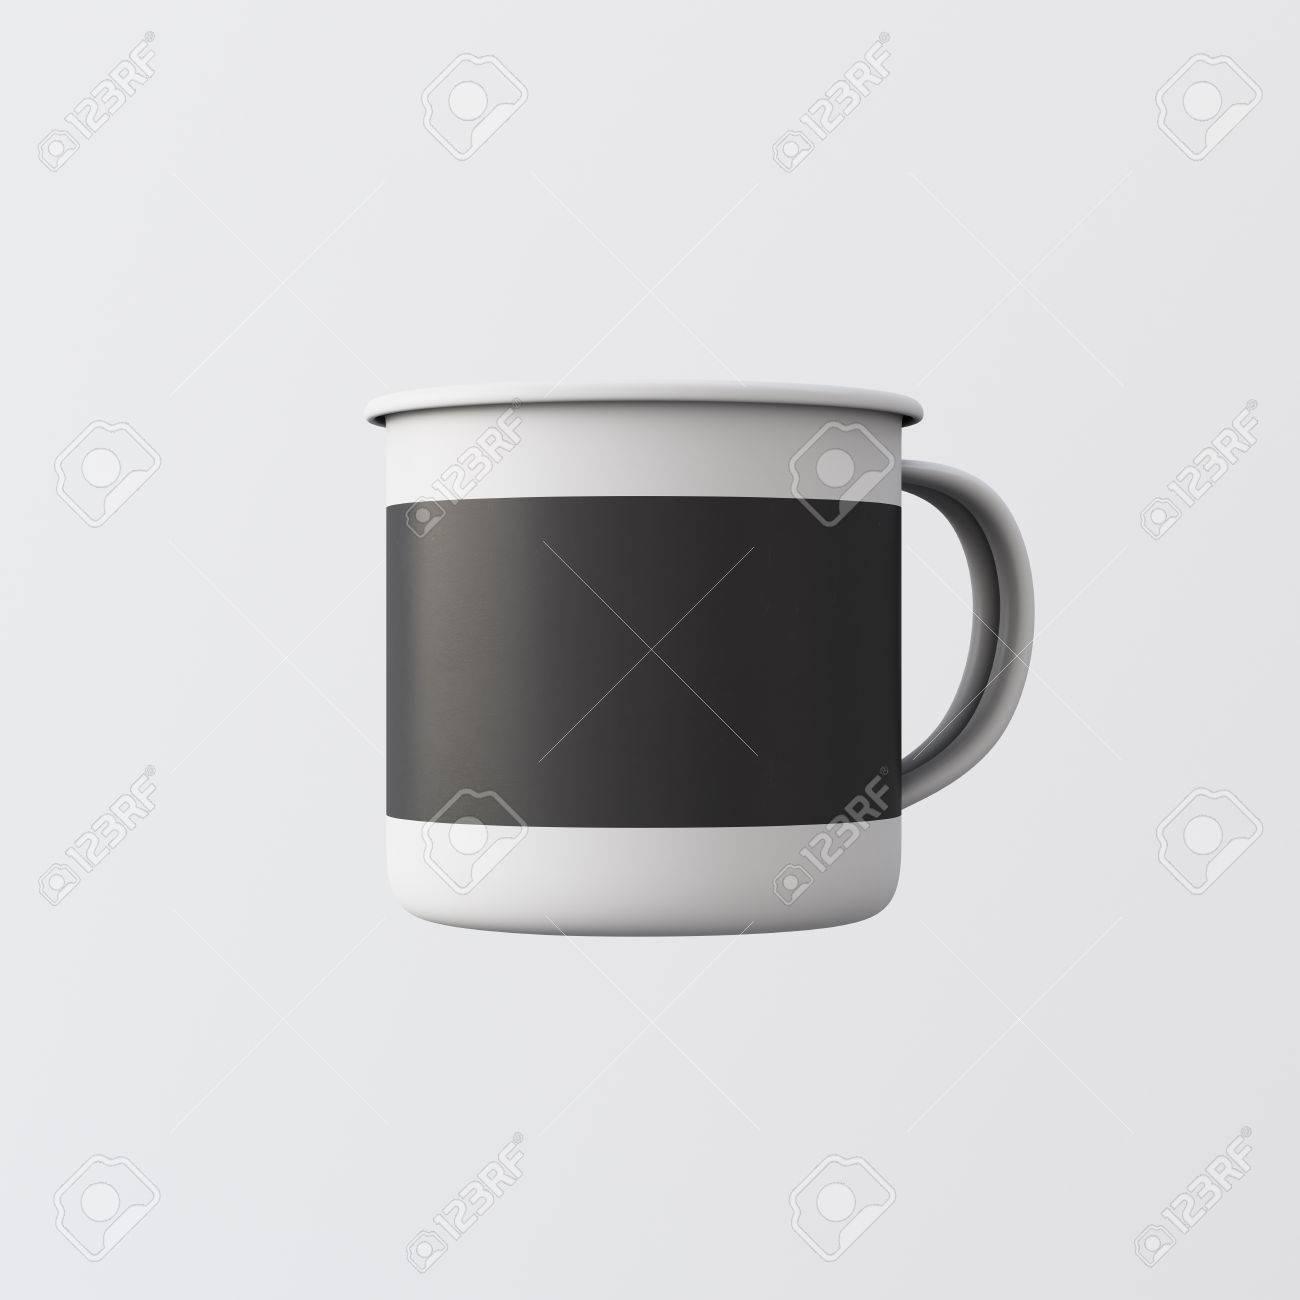 une tasse de thé chaud en métal couleur blanc gris blanc isolé fond